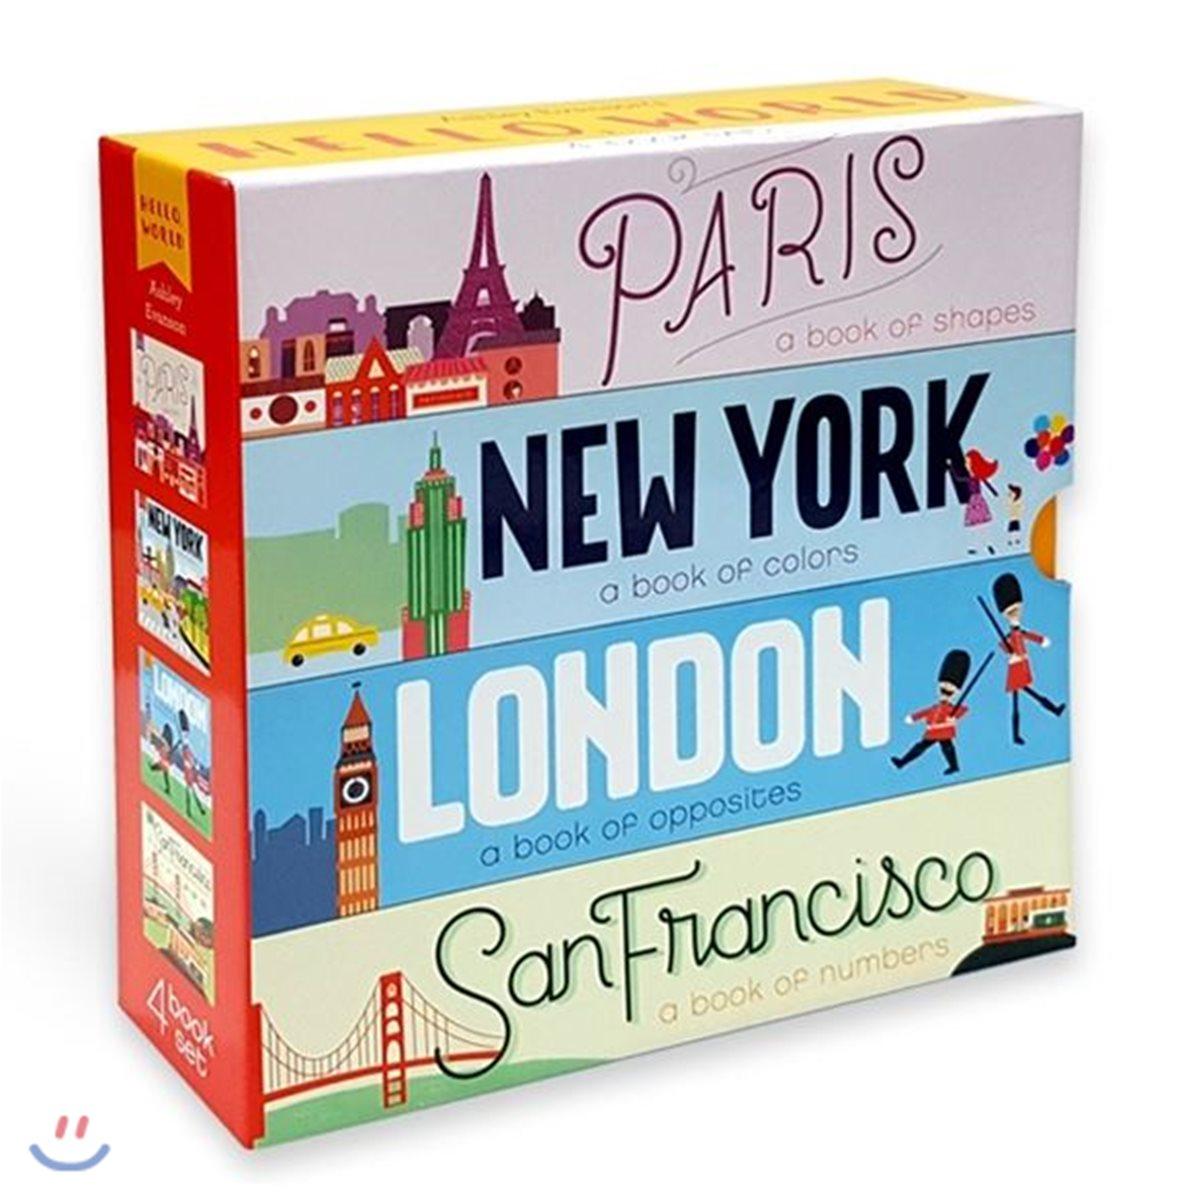 세계 도시 낱말 책 4종 세트 (형태, 색깔, 반대말, 숫자 영단어) : Hello World 4 Books Boxed Set